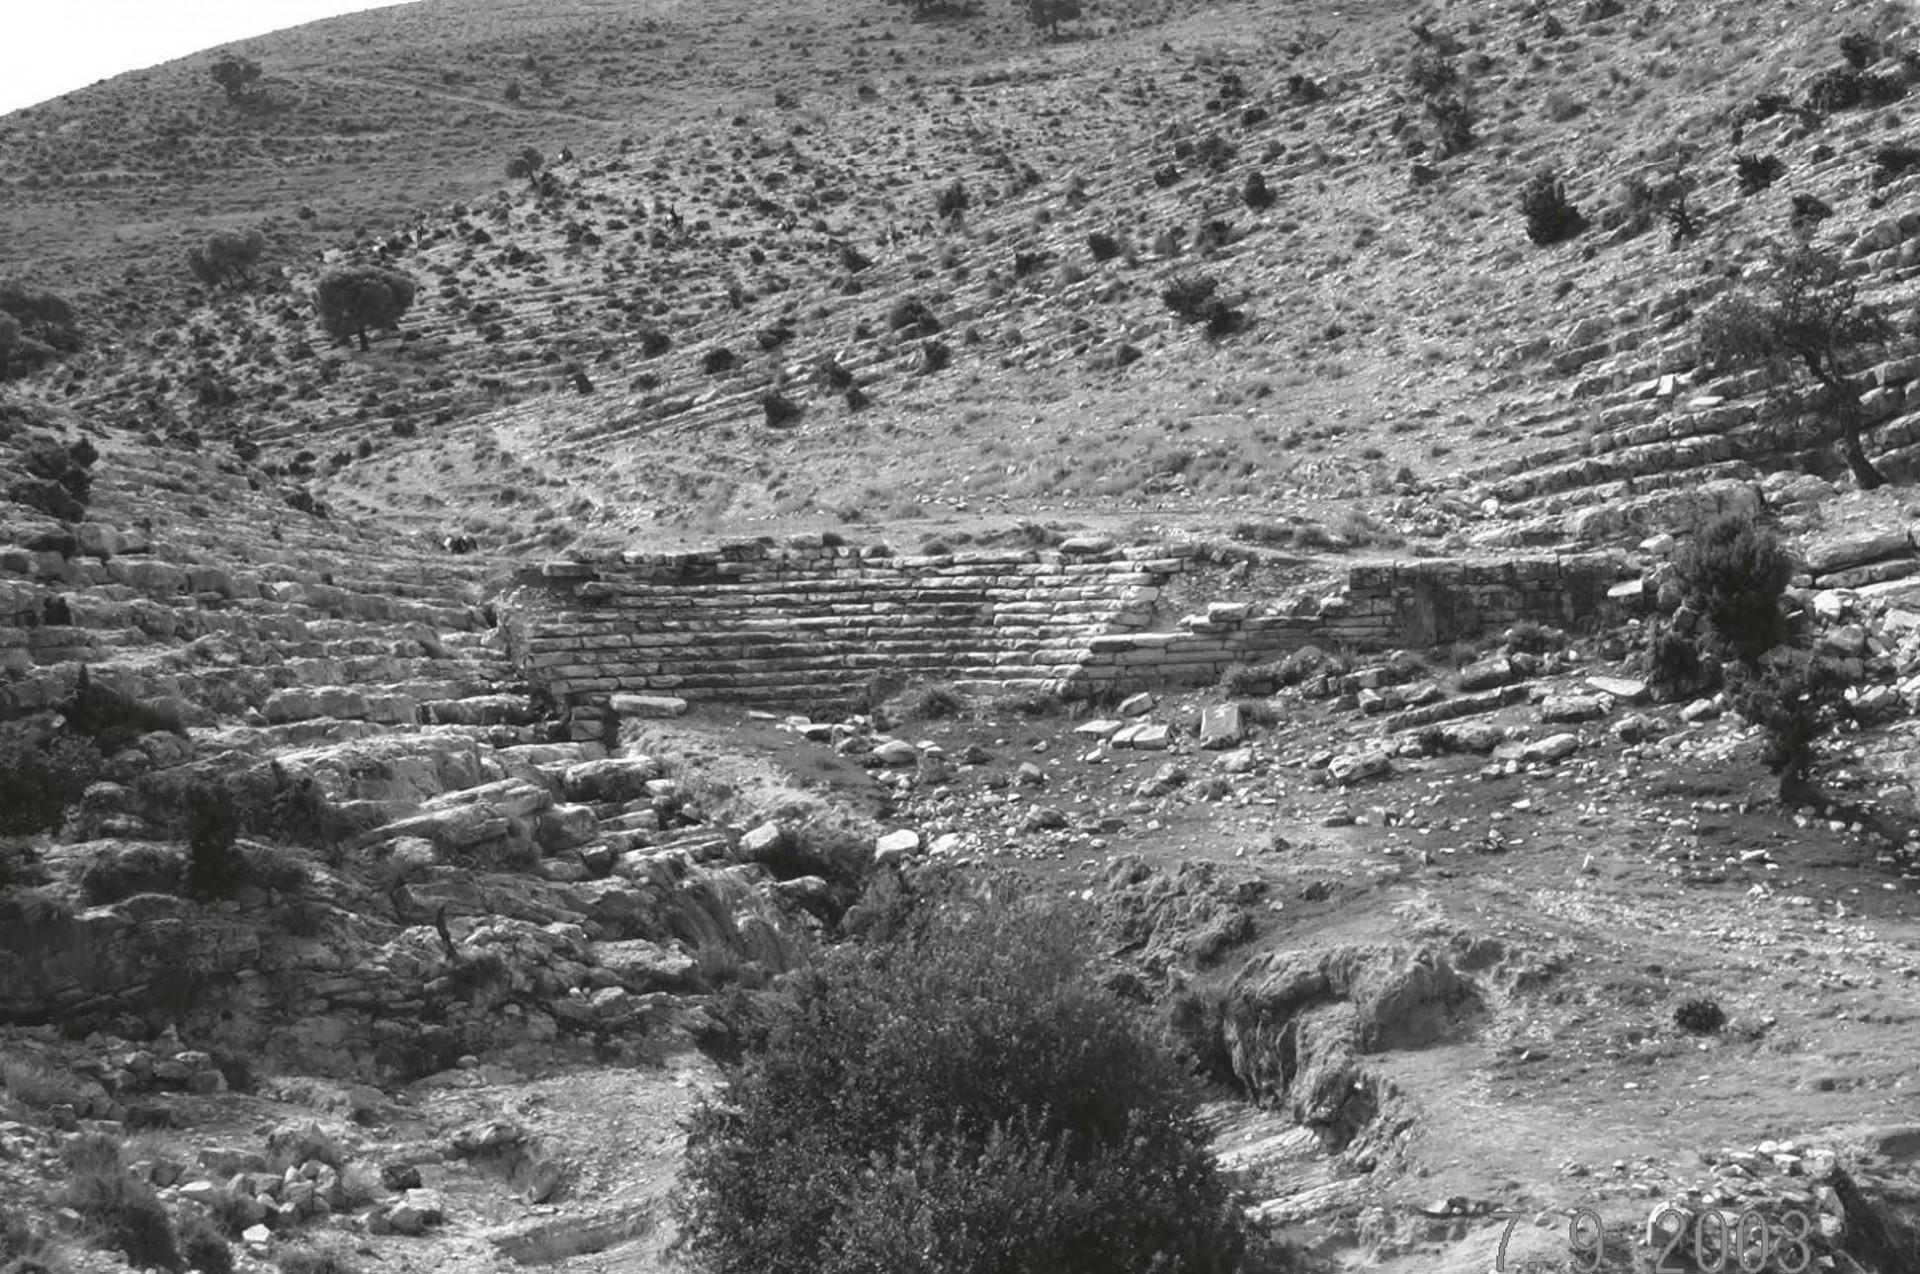 Le barrage antique d'Aï Jebour à Zama